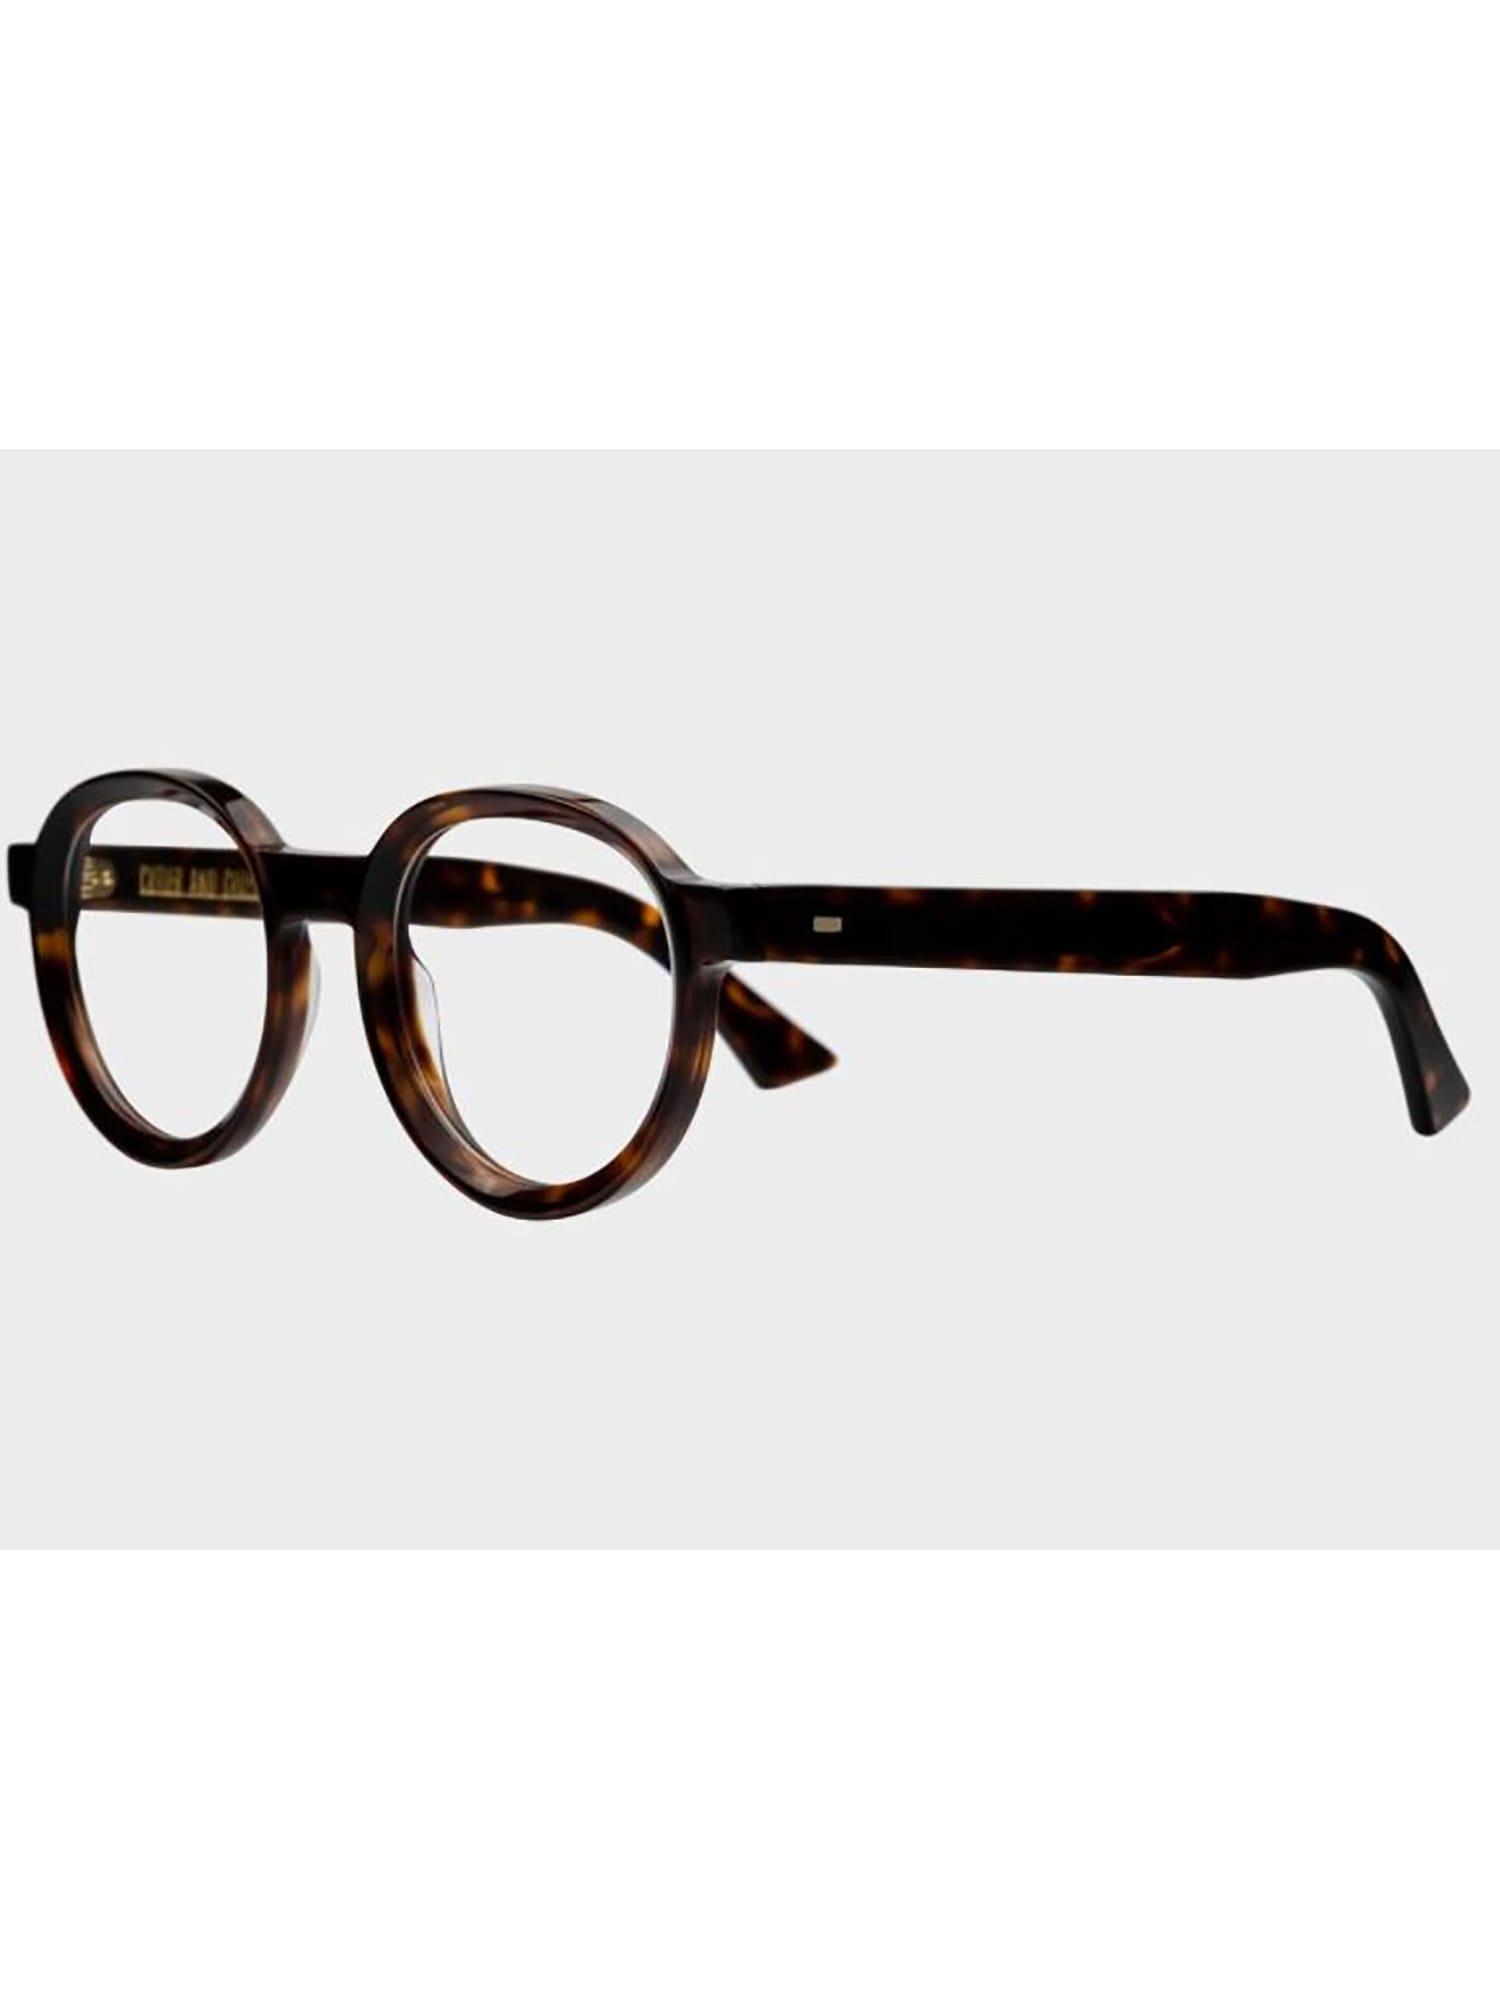 1384/49/02 Eyewear